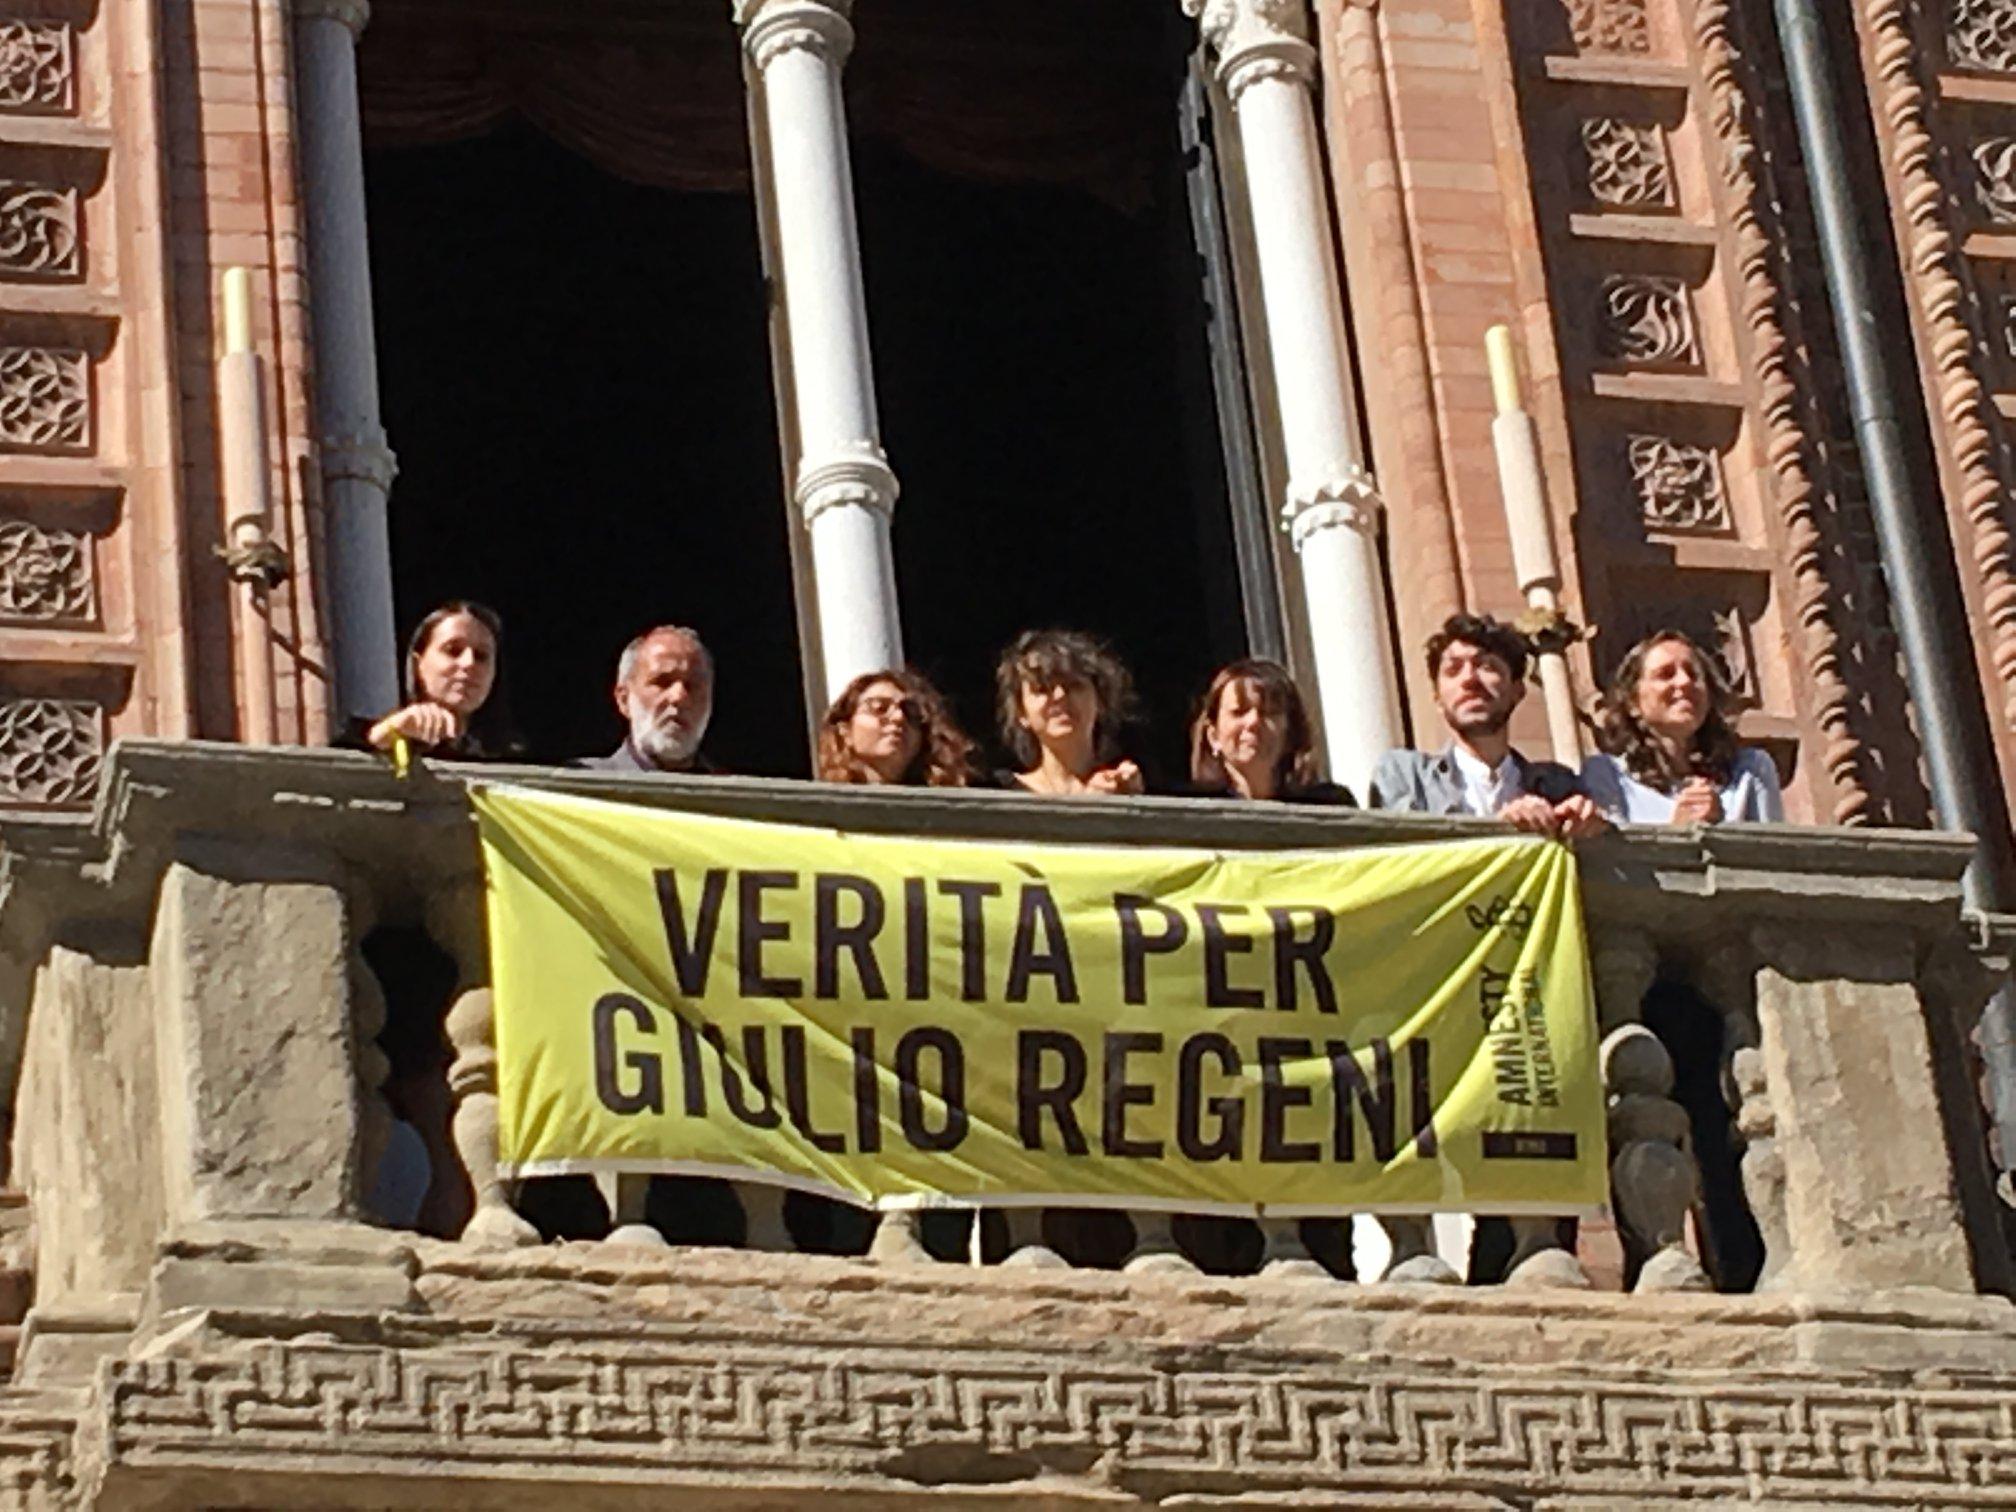 Verità per Giulio Regeni: finalmente lo striscione in comune come chiesto da Coalizione Civica